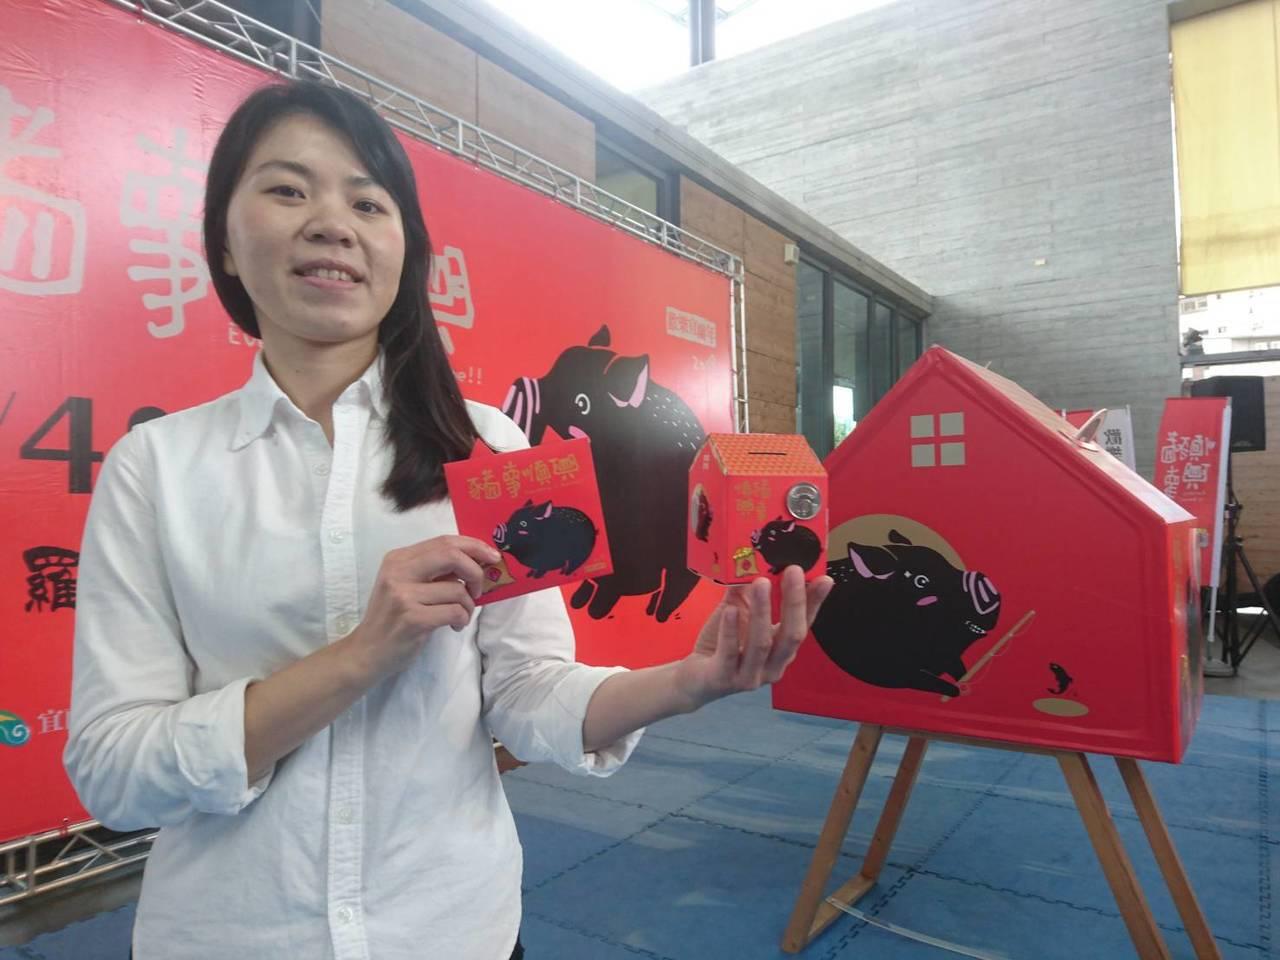 號稱台灣唯一農曆年的跨年節慶「歡樂宜蘭年」,連辦26年,最受期待的創意生肖紅包今...